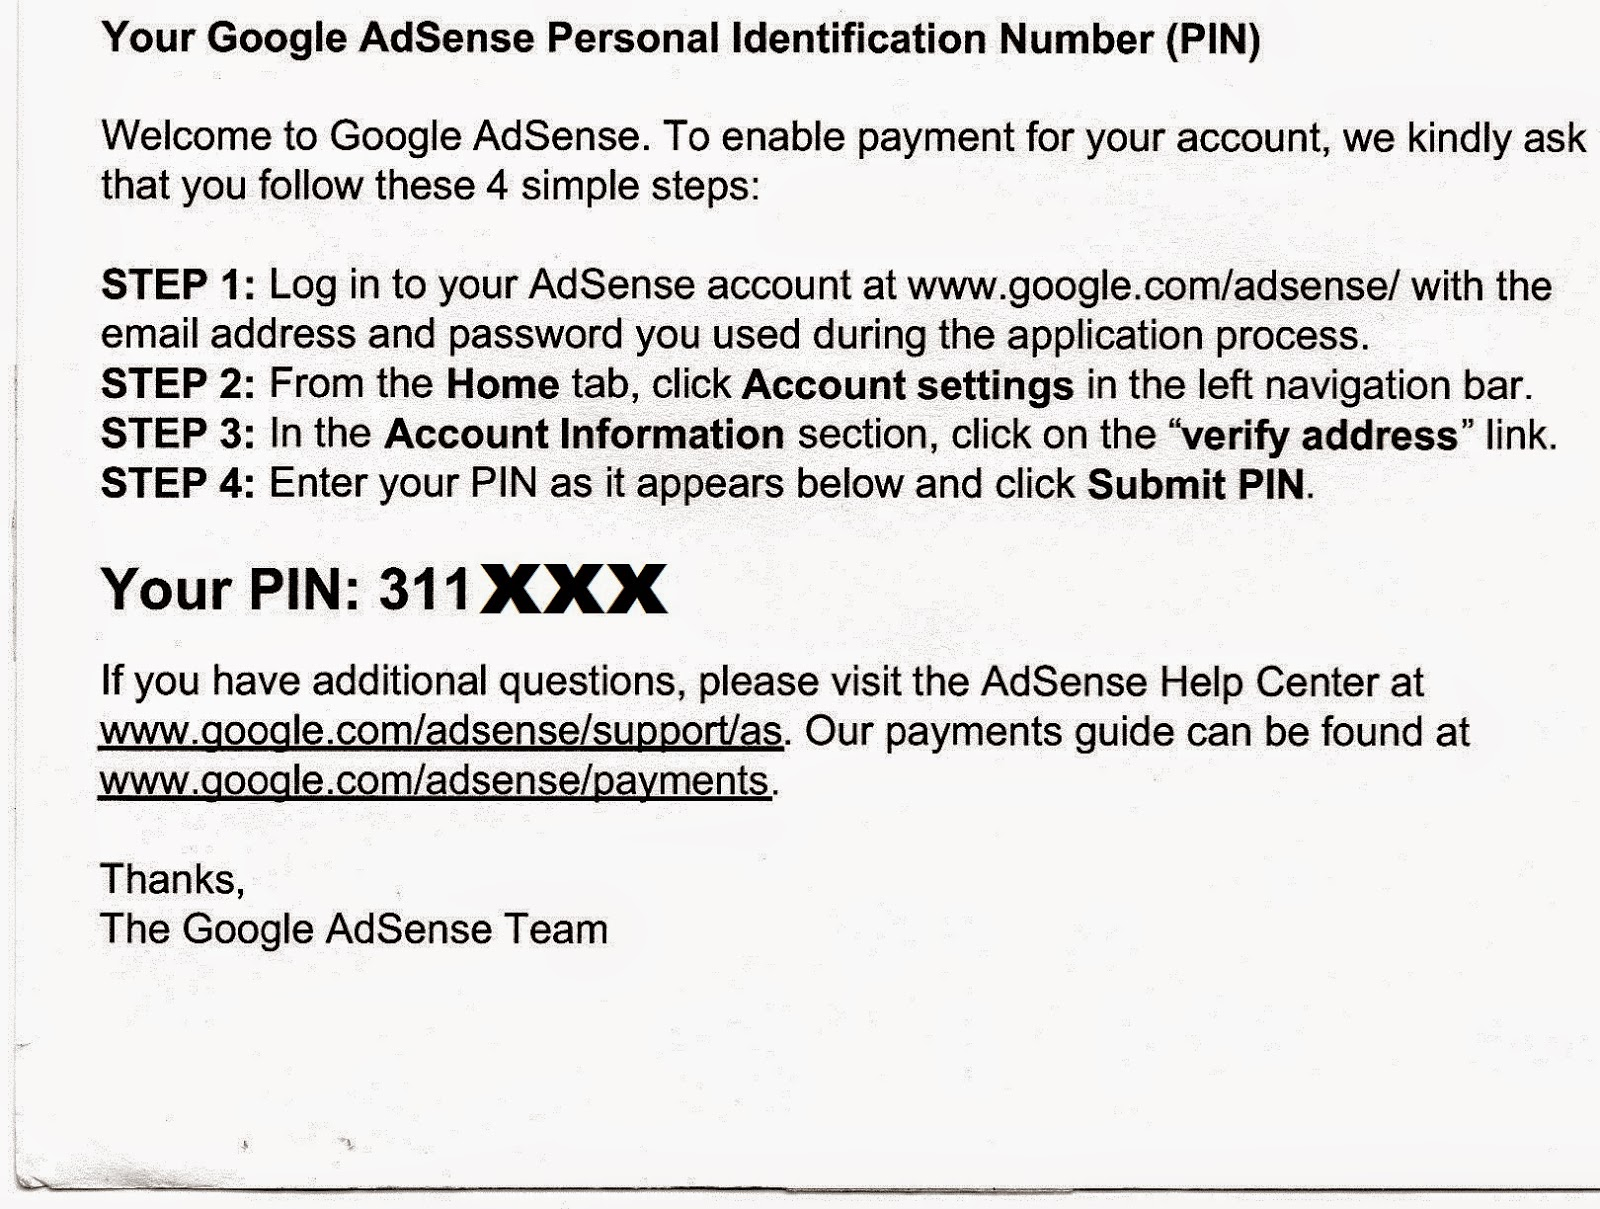 Surat Verifikasi PIN Google Adsense